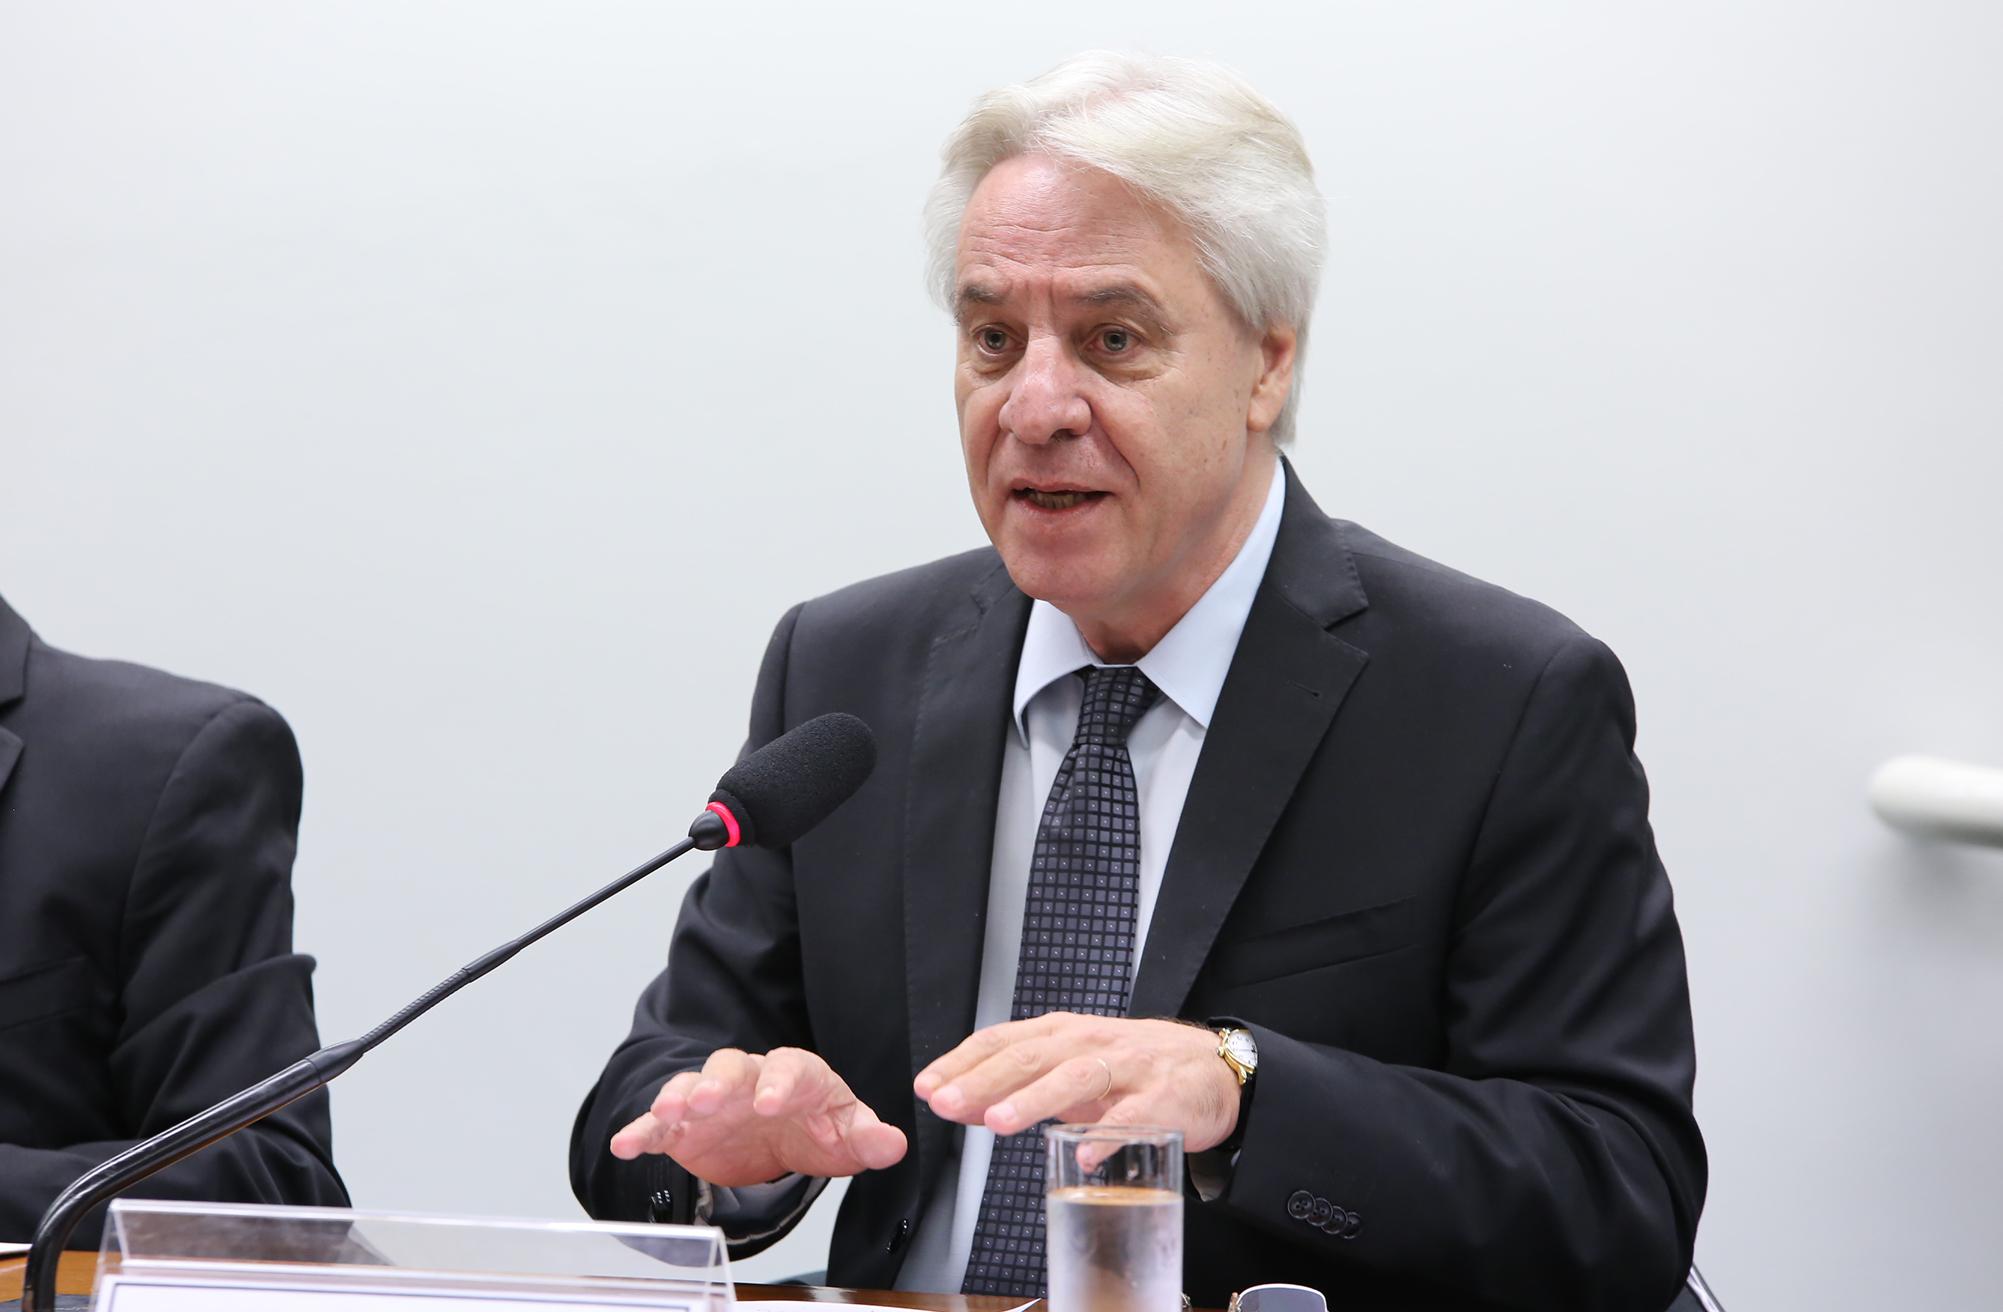 Audiência Pública. Presidente do Tribunal Superior do Trabalho, ministro Antonio José de Barros Levenhagen